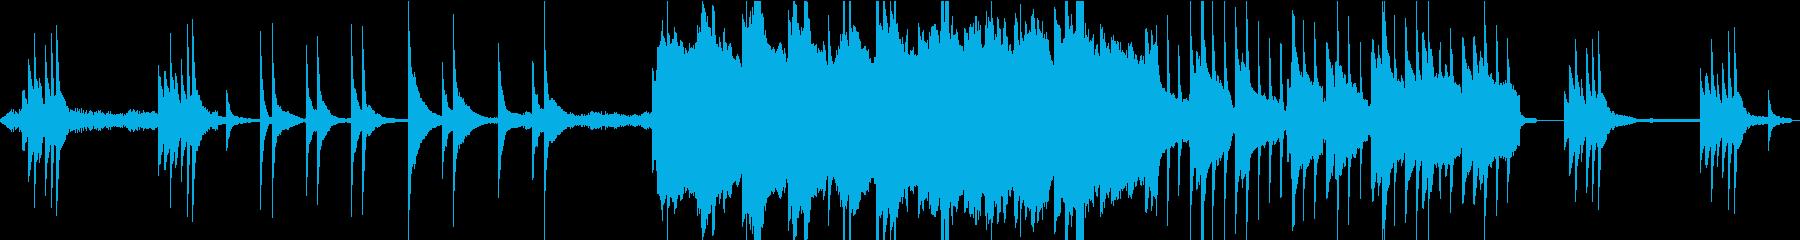 夜・幻想的な星々/温もりサックスBGMLの再生済みの波形